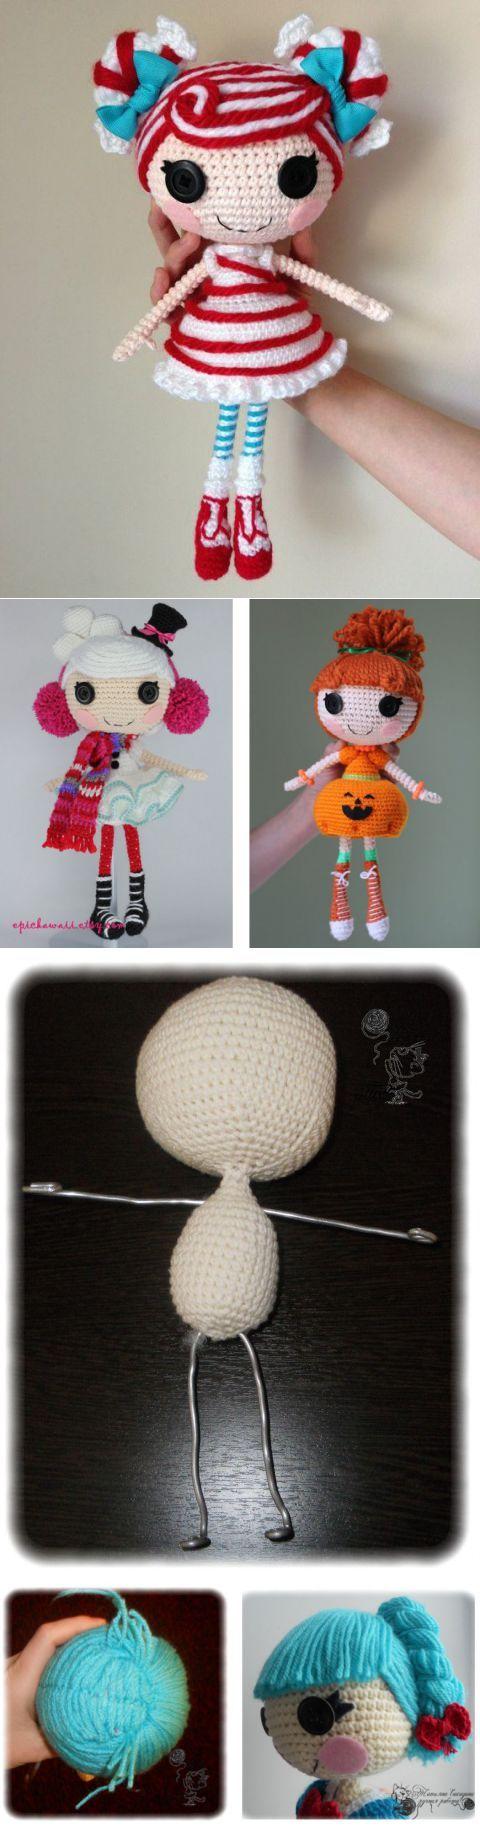 Вязаная кукла Lalaloopsy: подробная схема и описание | Вязаные куклы. | Постила